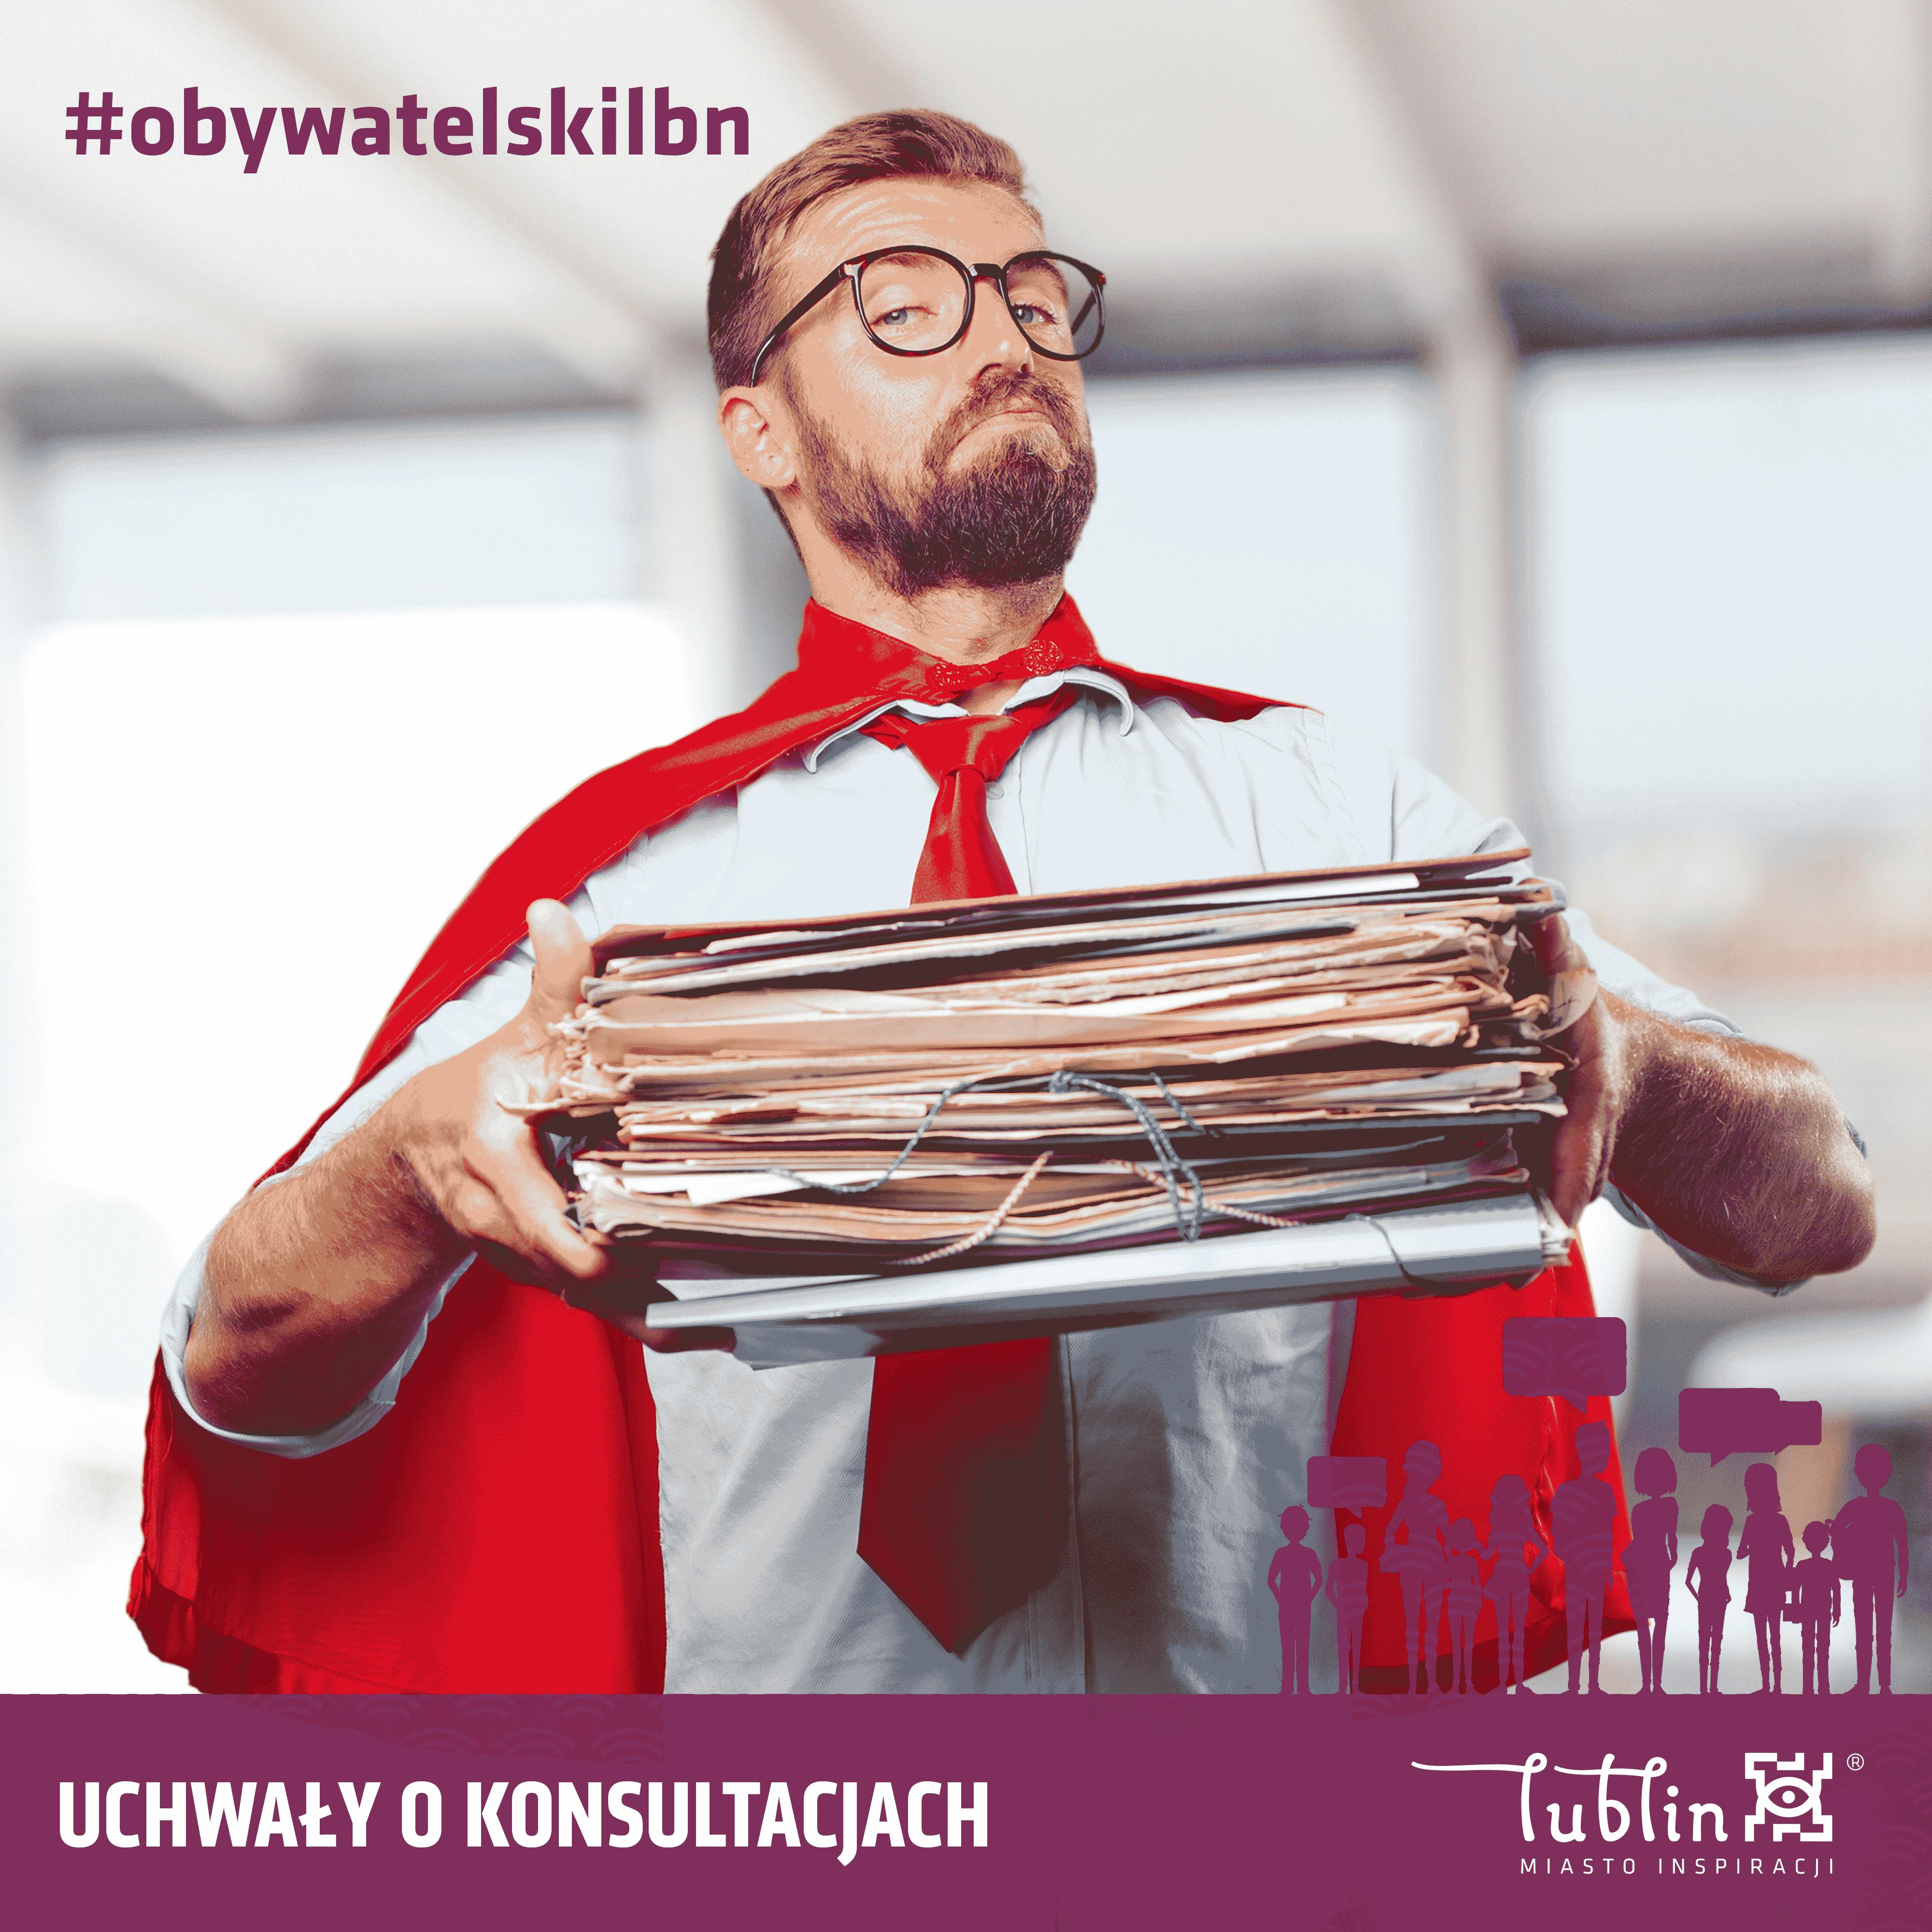 Miasto Lublin chce poprawić uchwały konsultacyjne. W środę otwarta dykusja - Zdjęcie główne